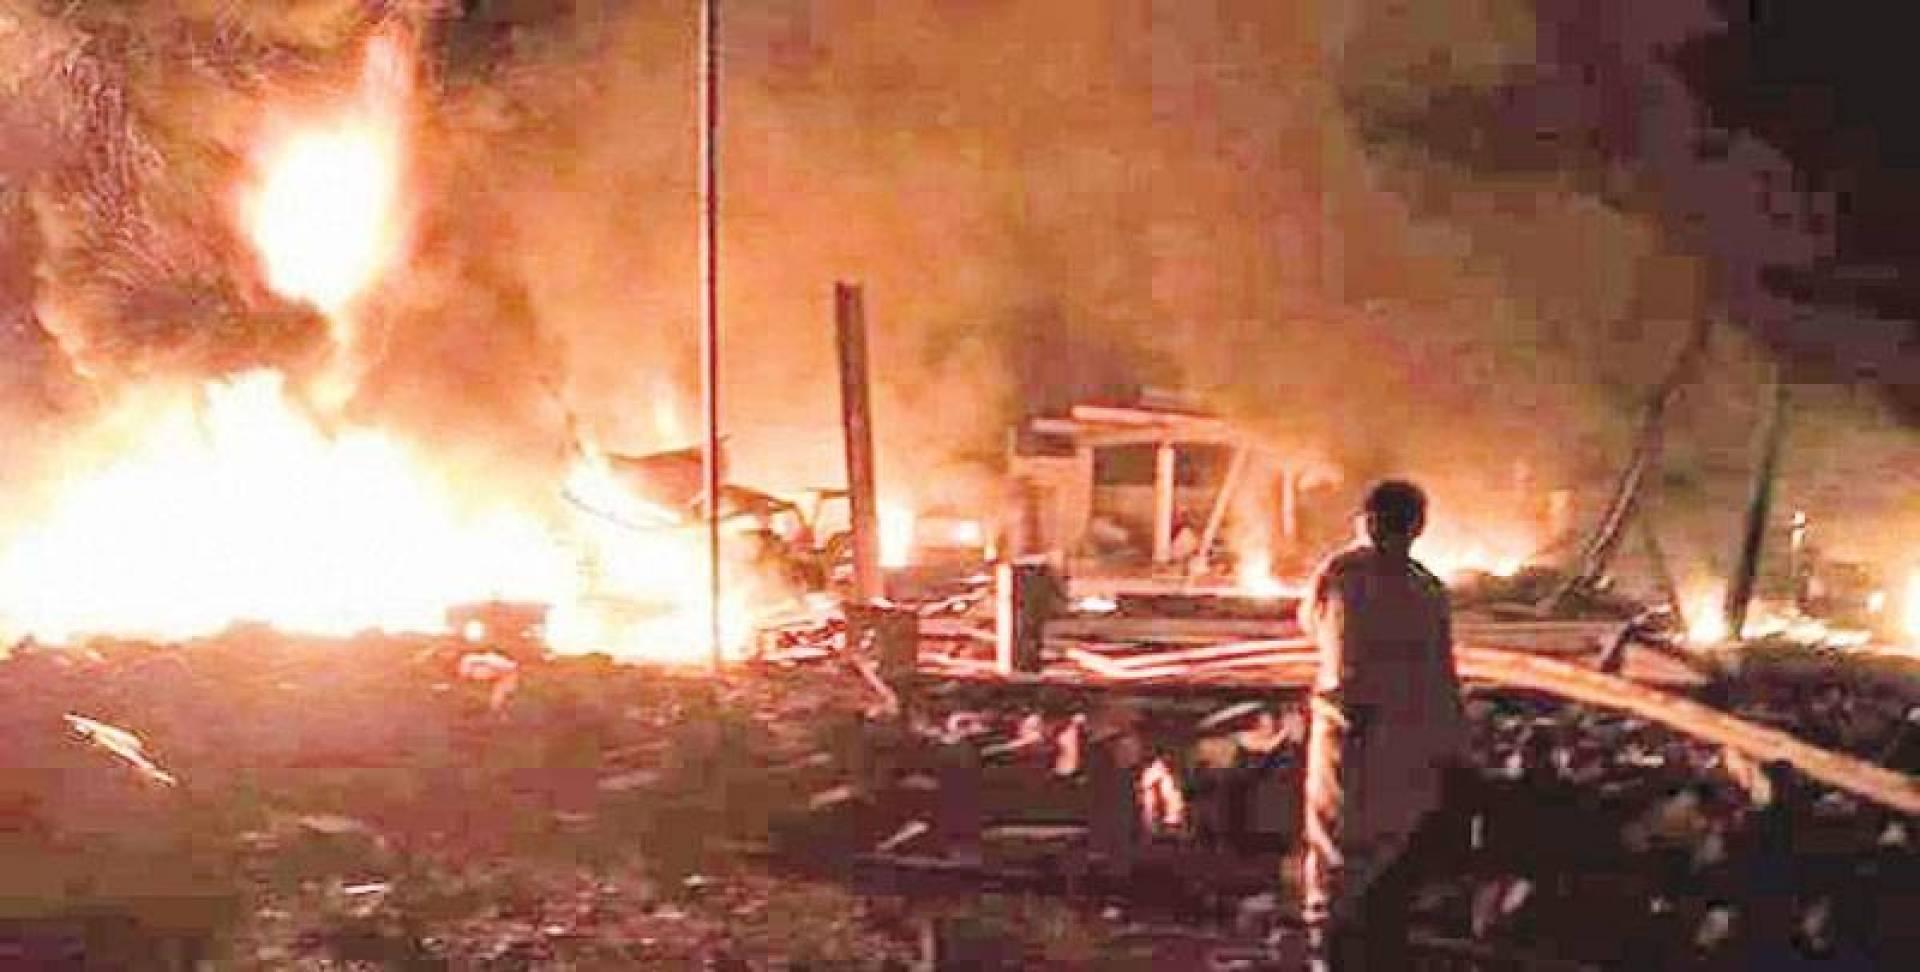 صورة للهجوم على معسكر الميل في مأرب ليل السبت | انترنت